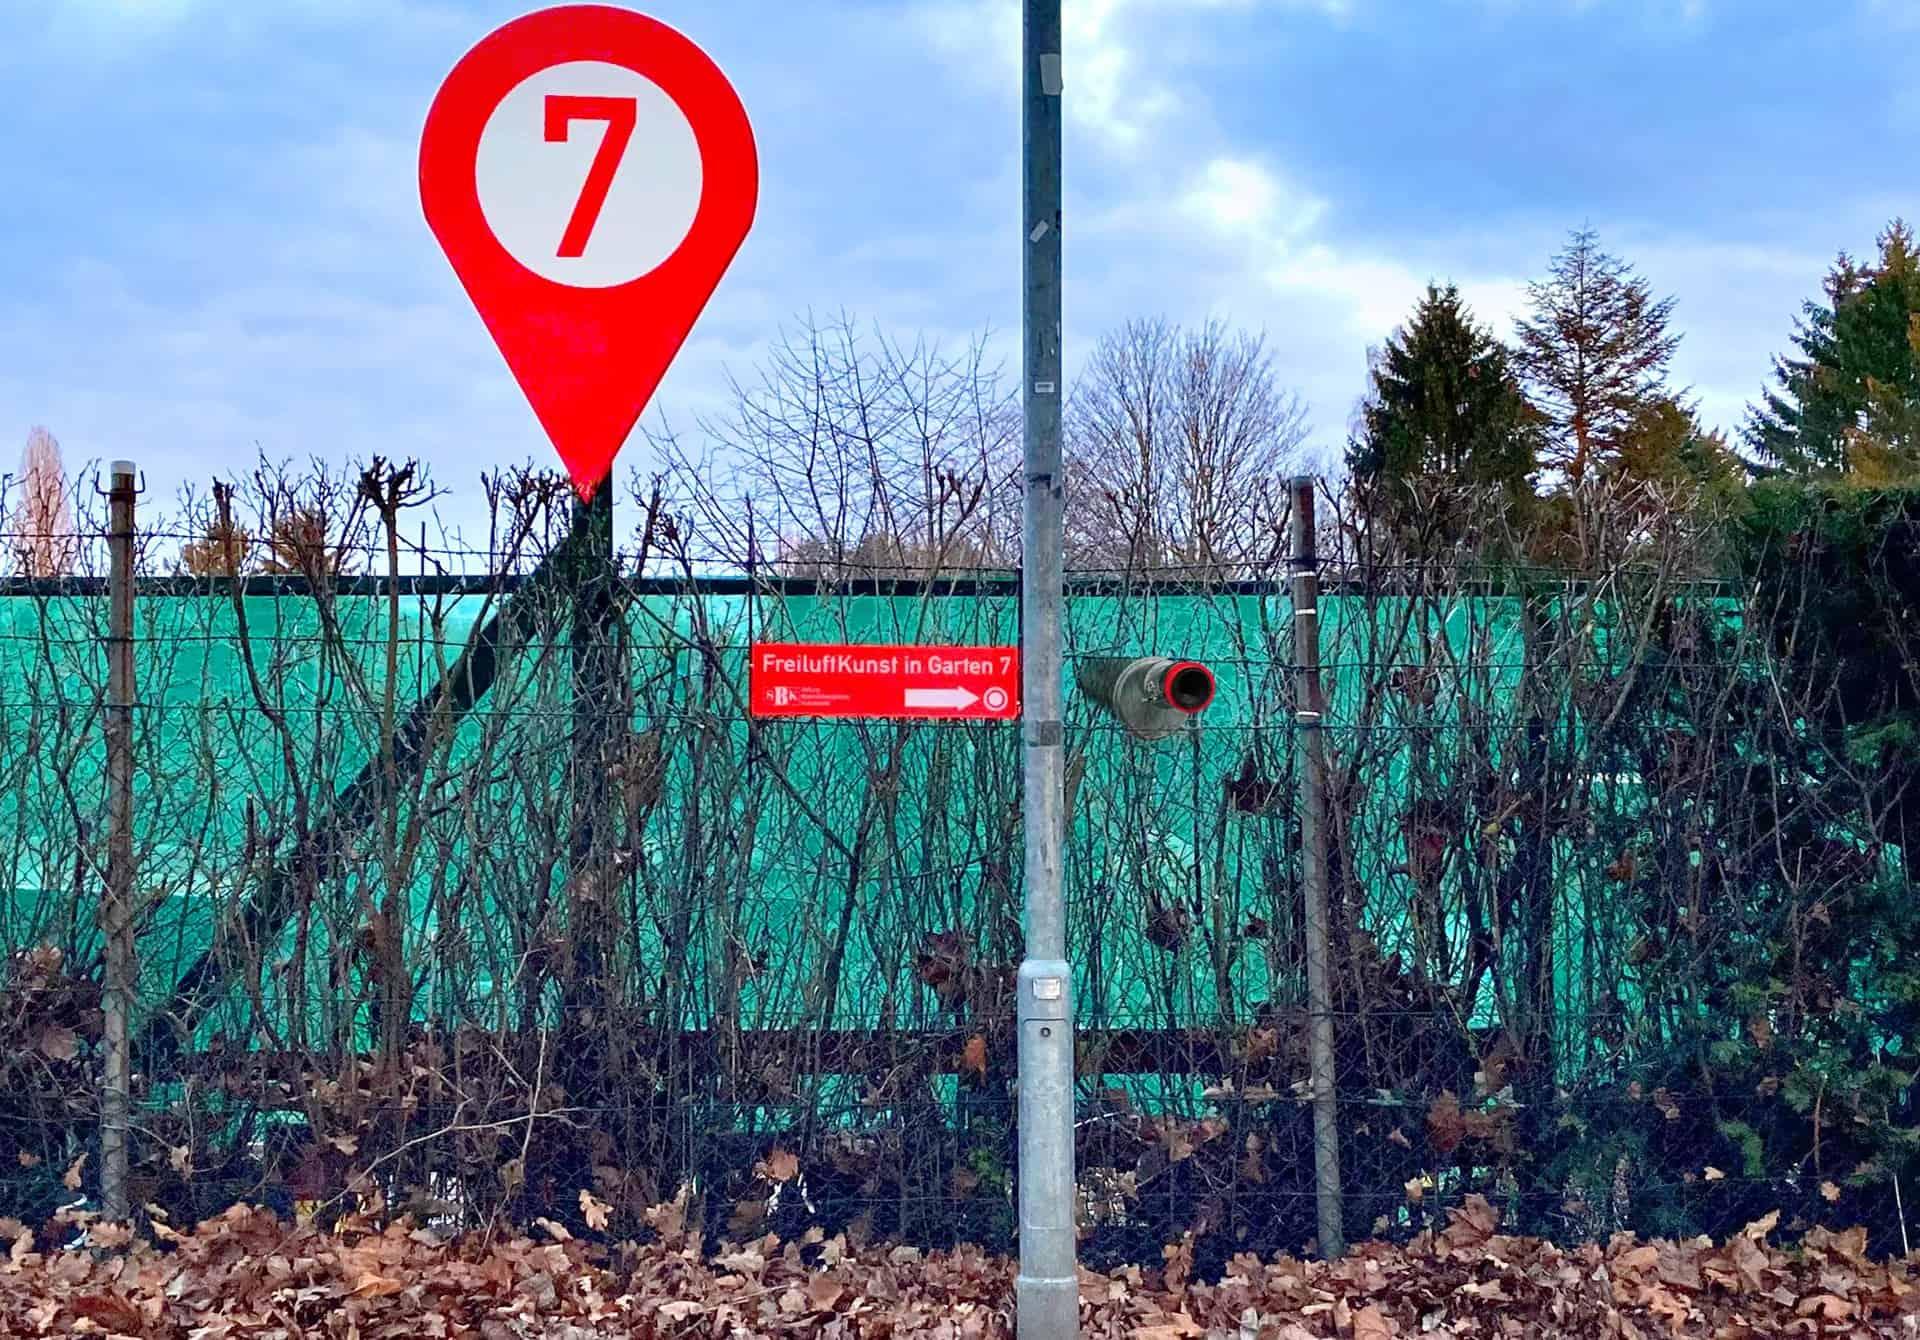 Das Guckrohr ist dank des neonroten Hinweisschildes nicht zu übersehen. Foto: Binkmann/Kessler